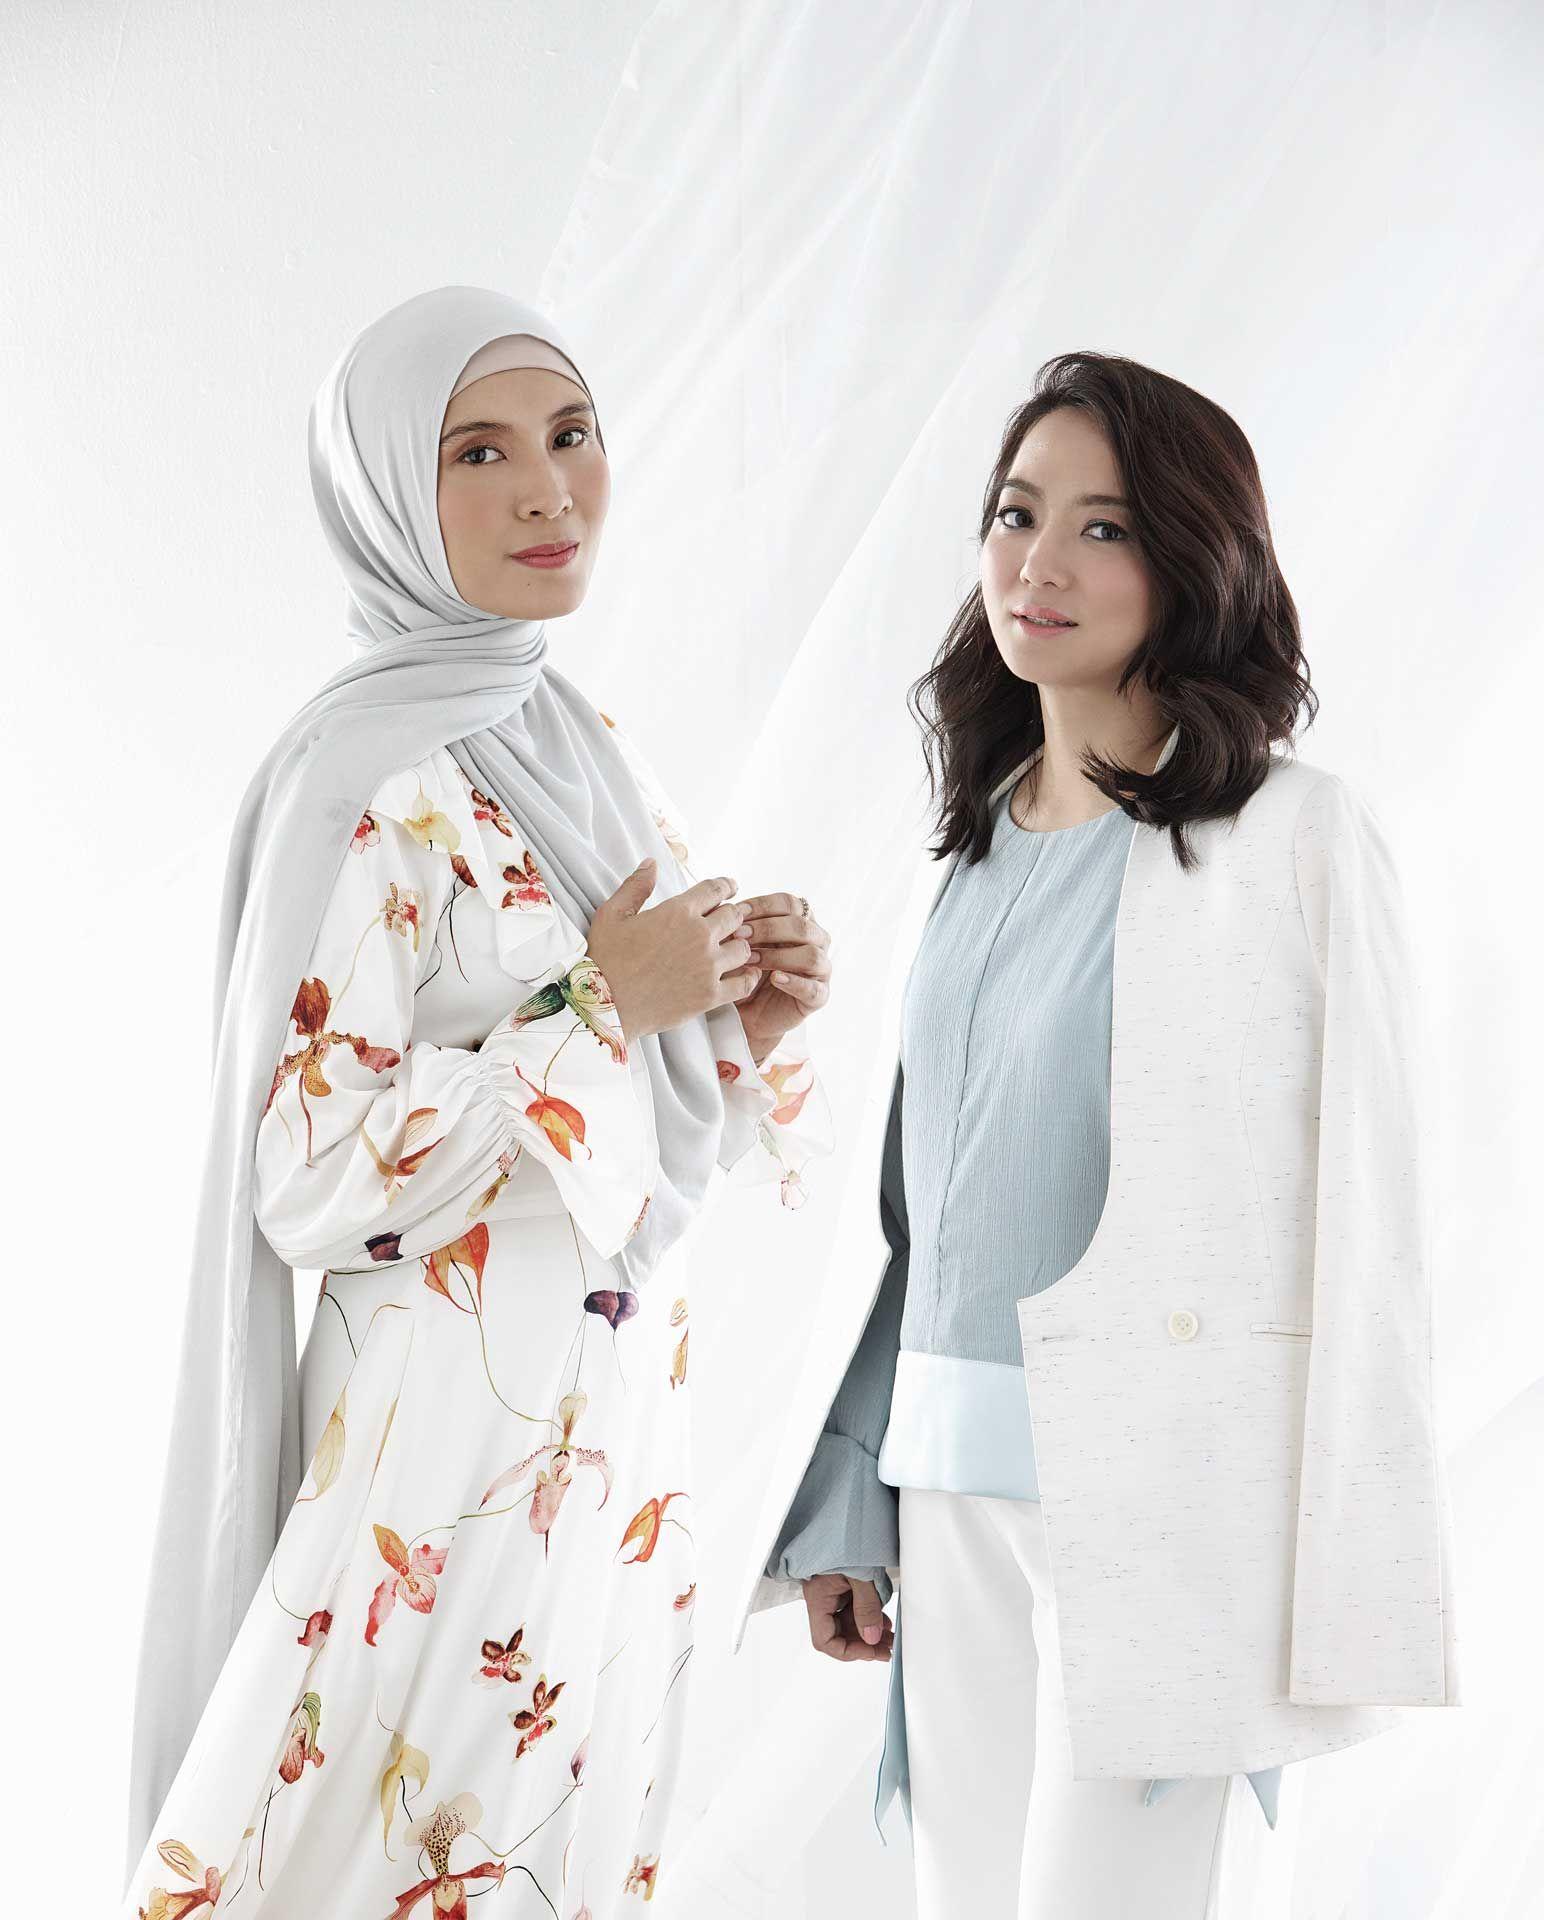 Nurul Izzah and Hannah Yeoh